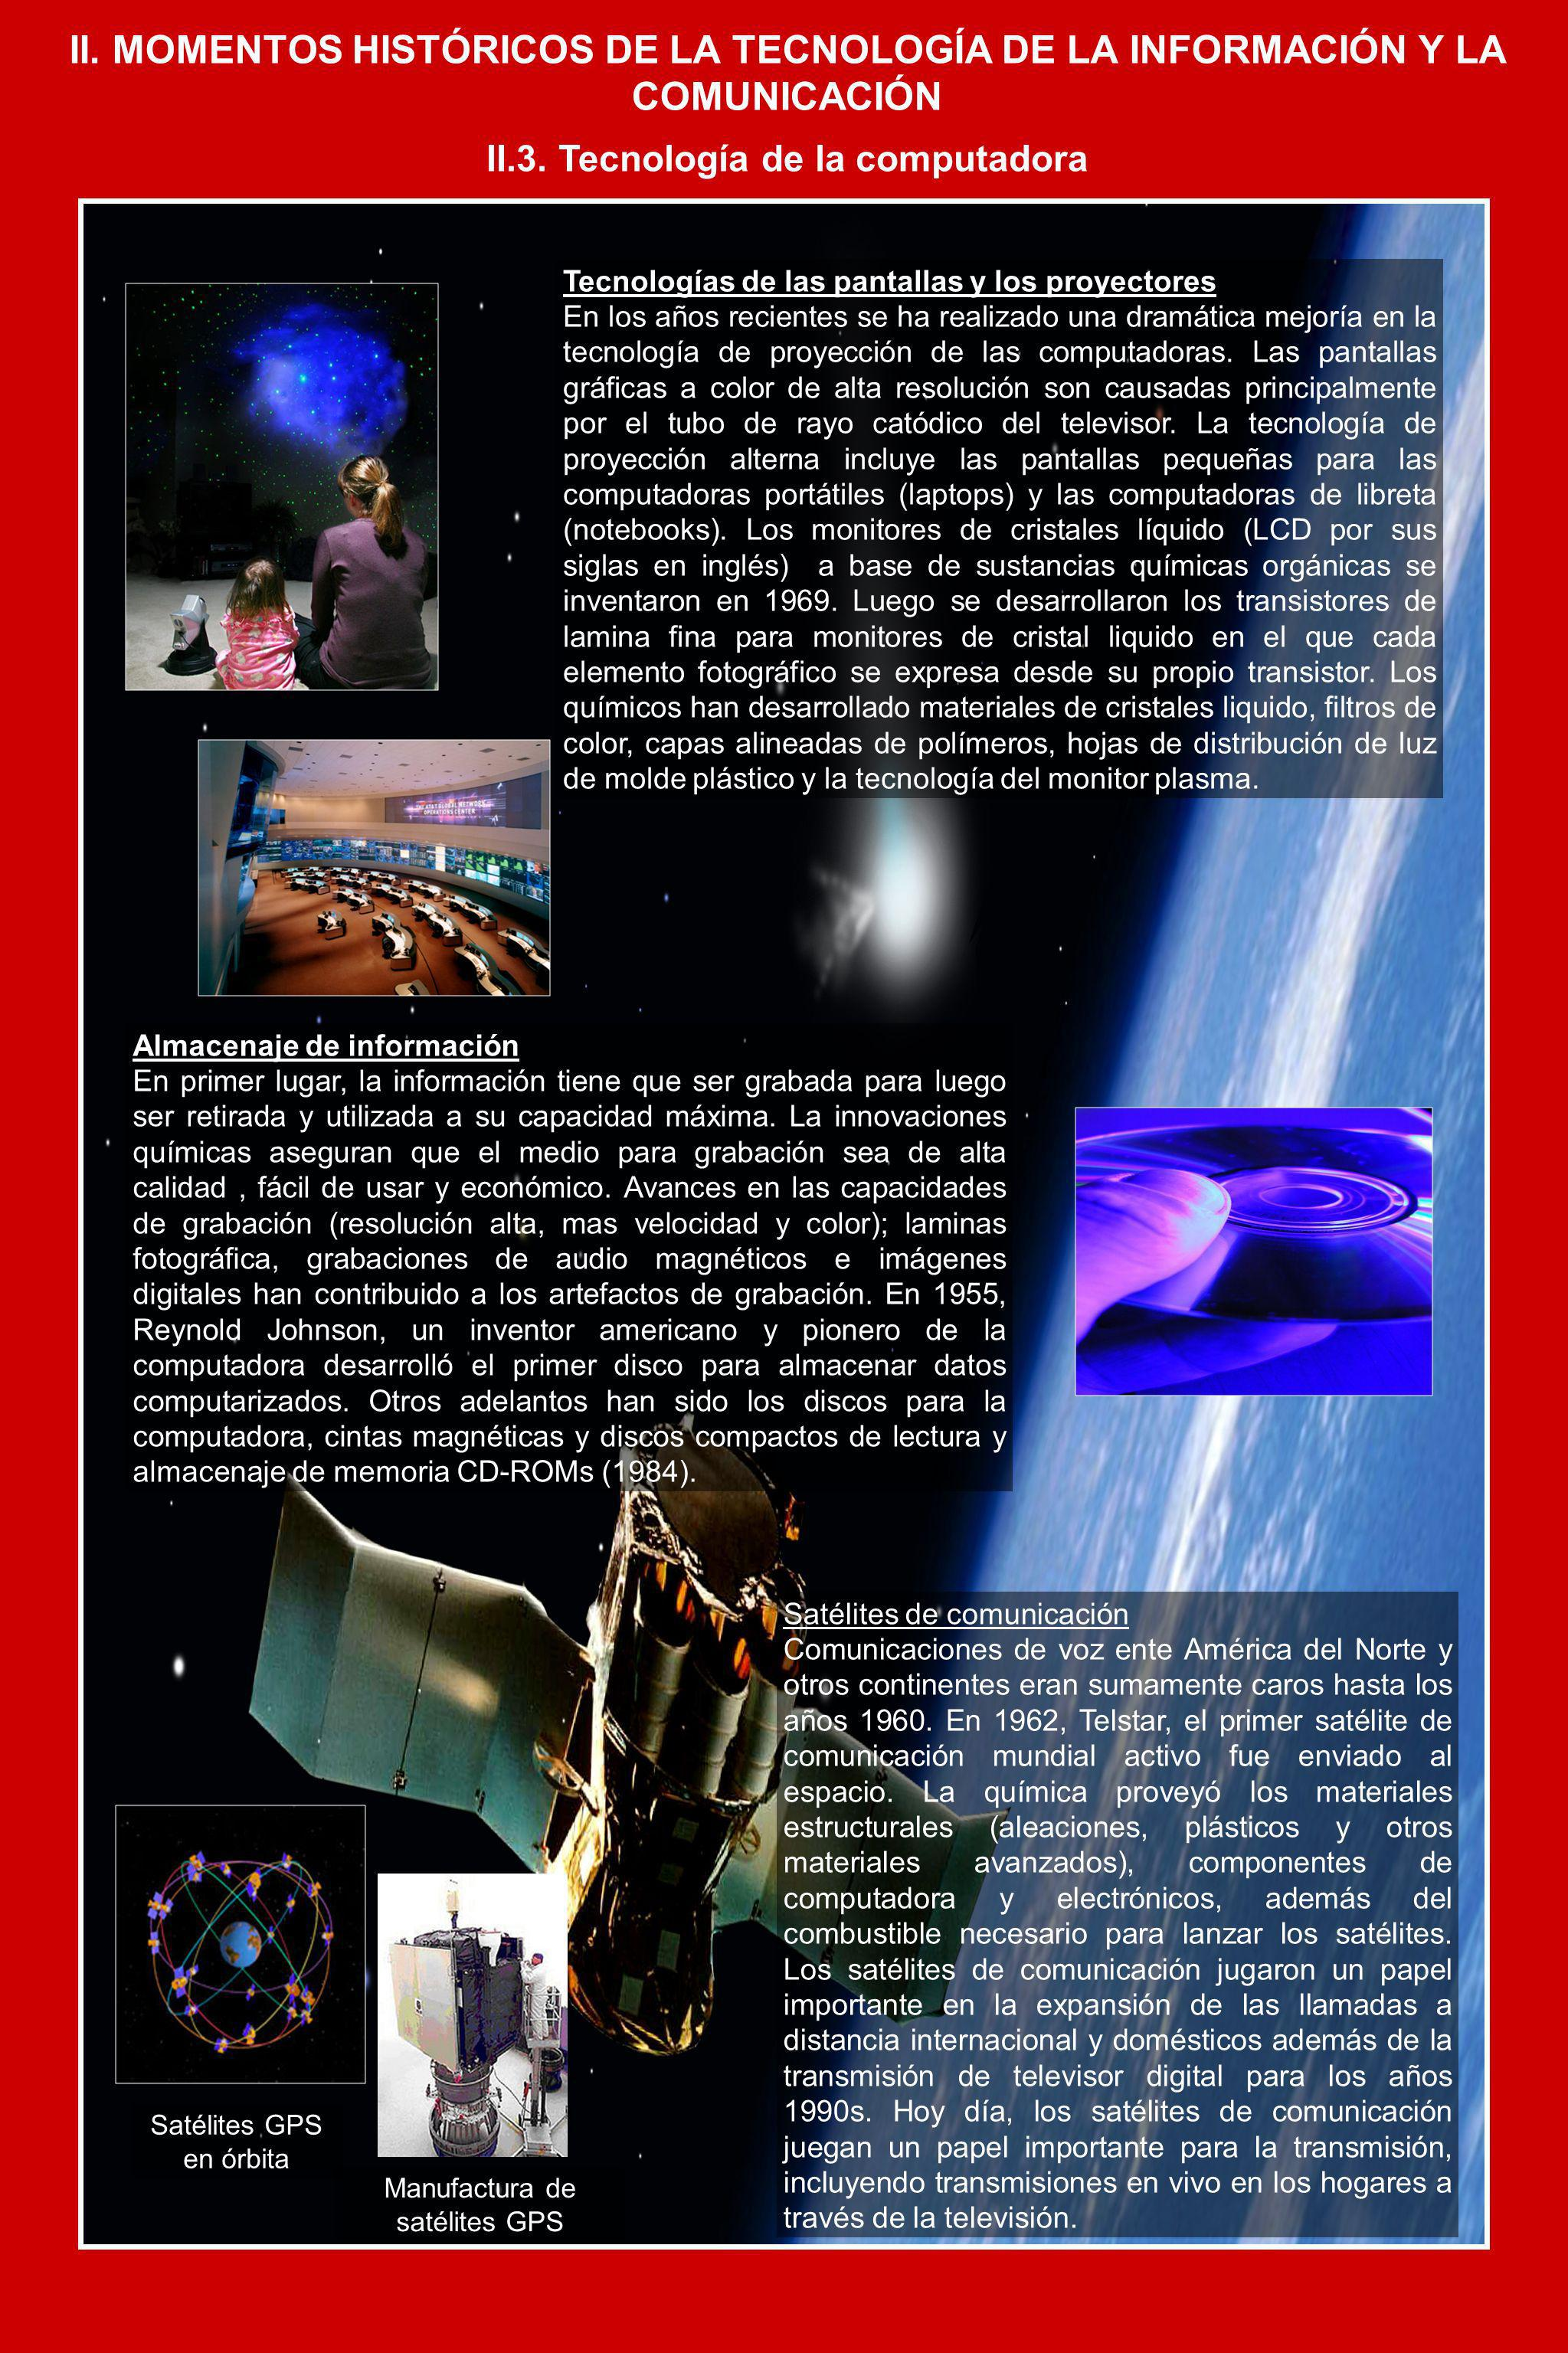 II. MOMENTOS HISTÓRICOS DE LA TECNOLOGÍA DE LA INFORMACIÓN Y LA COMUNICACIÓN II.3. Tecnología de la computadora Tecnologías de las pantallas y los pro